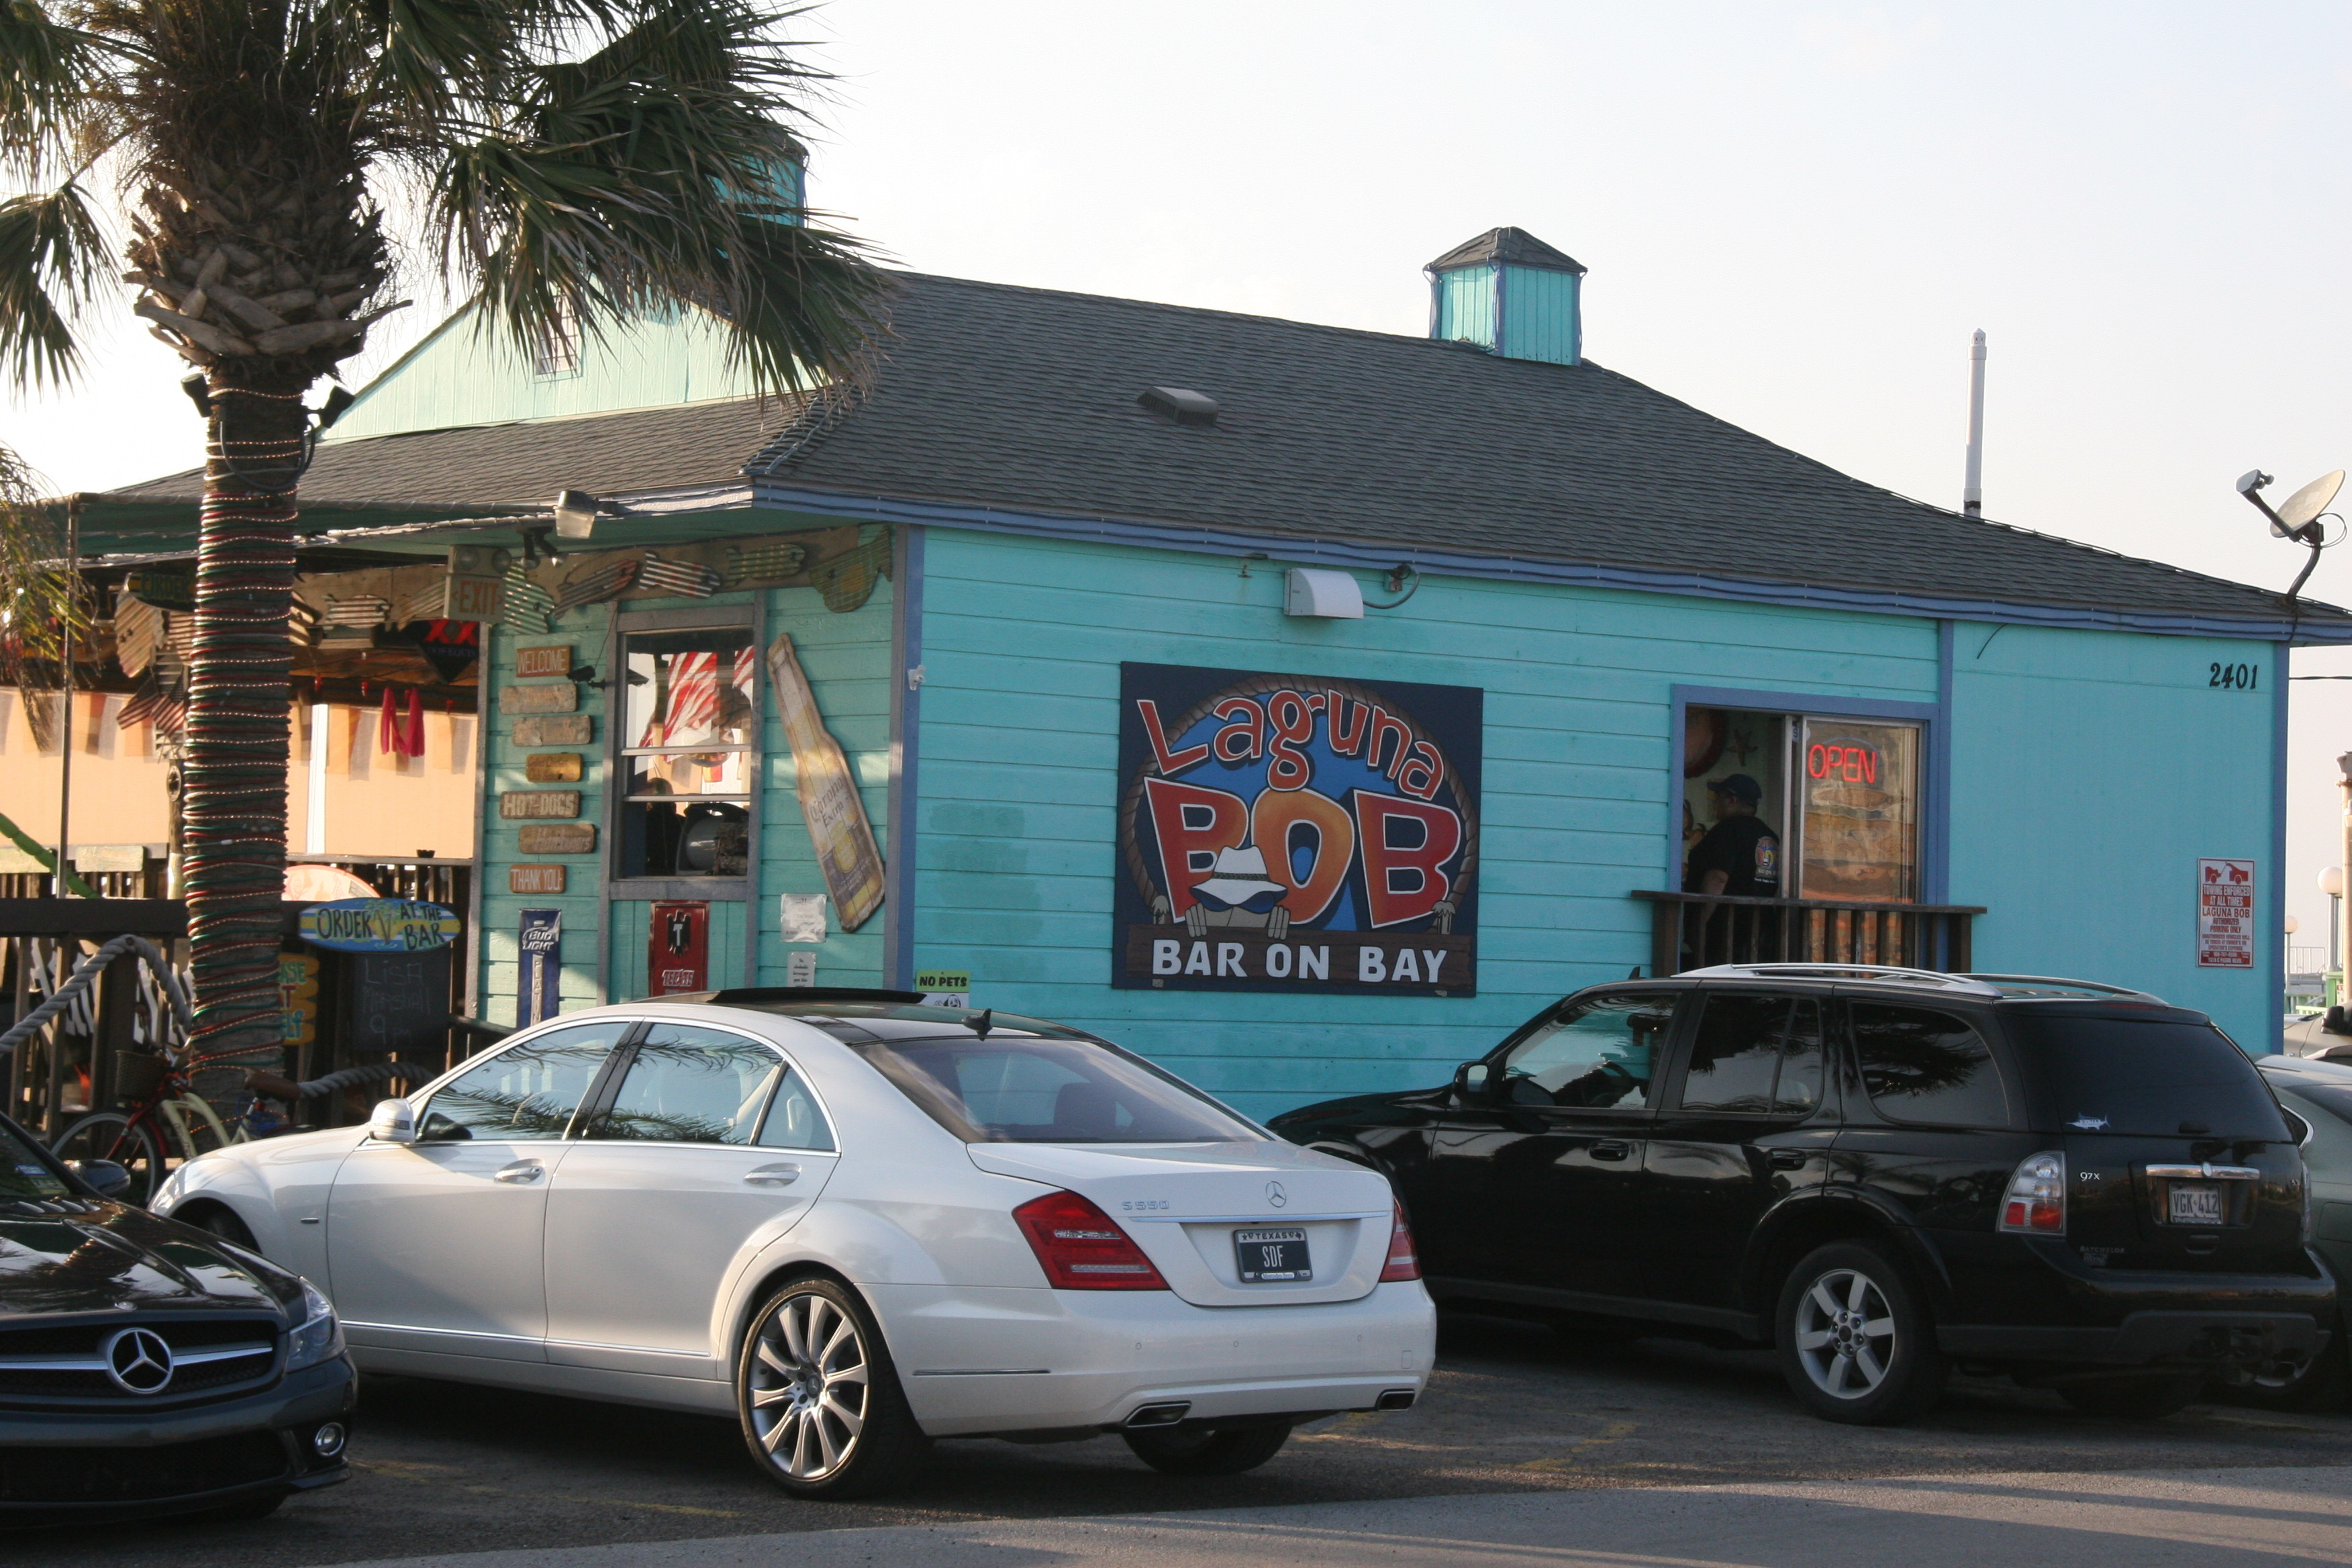 Laguna Bob's